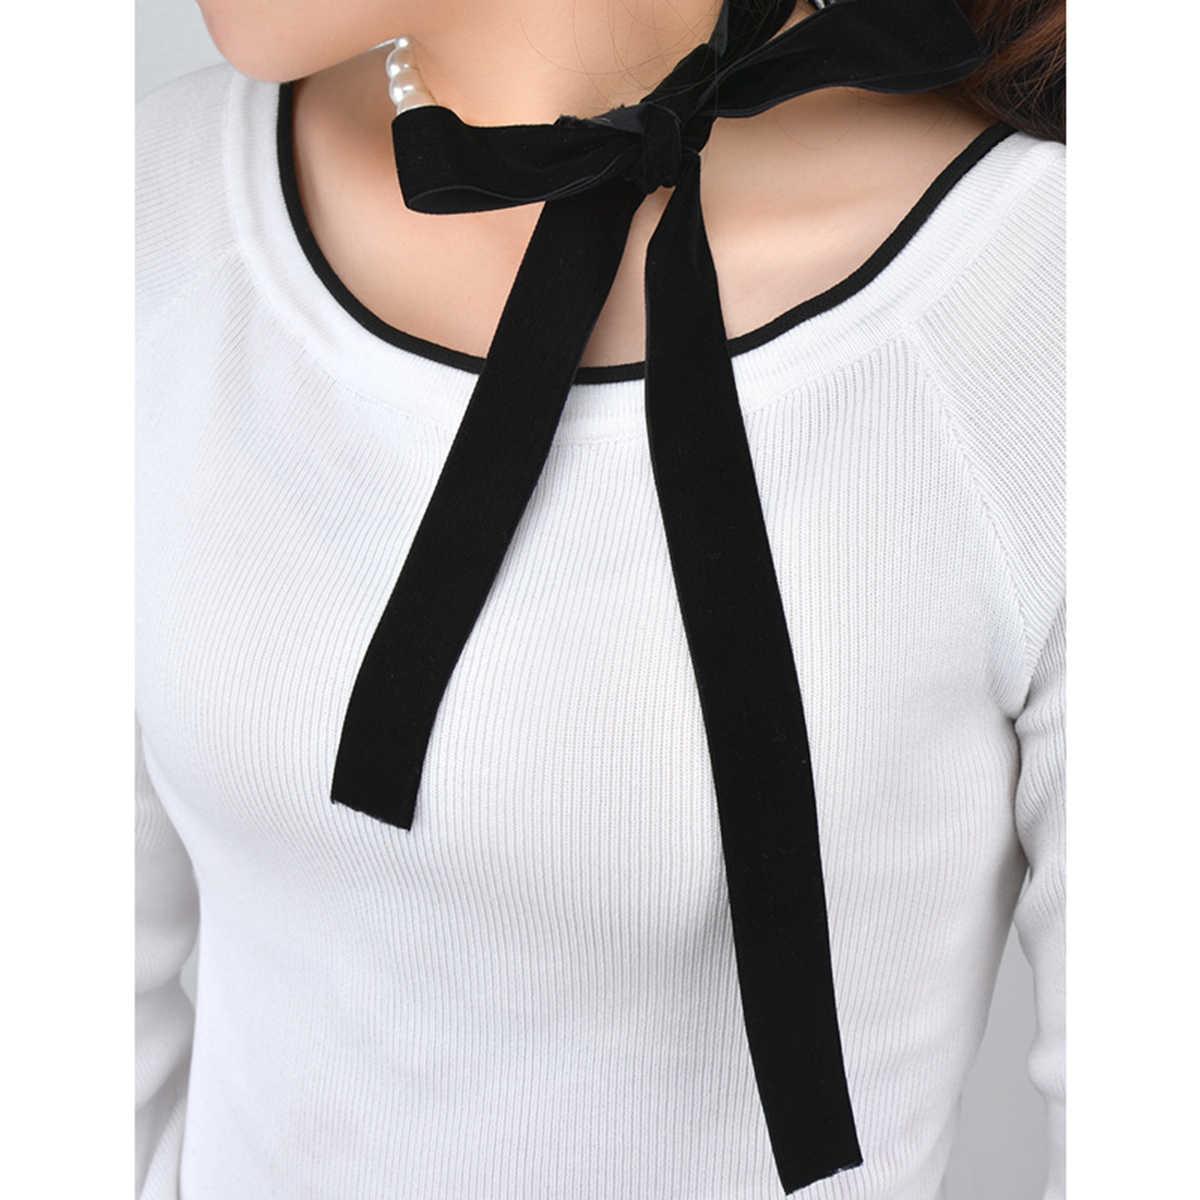 Heeda Kpop Vintage Bowknot Perle Samt Gürtel Halskette Frauen Mode Joker Einzigartige Schmuck Halsband 2019 Neue Dame Pullover Kette